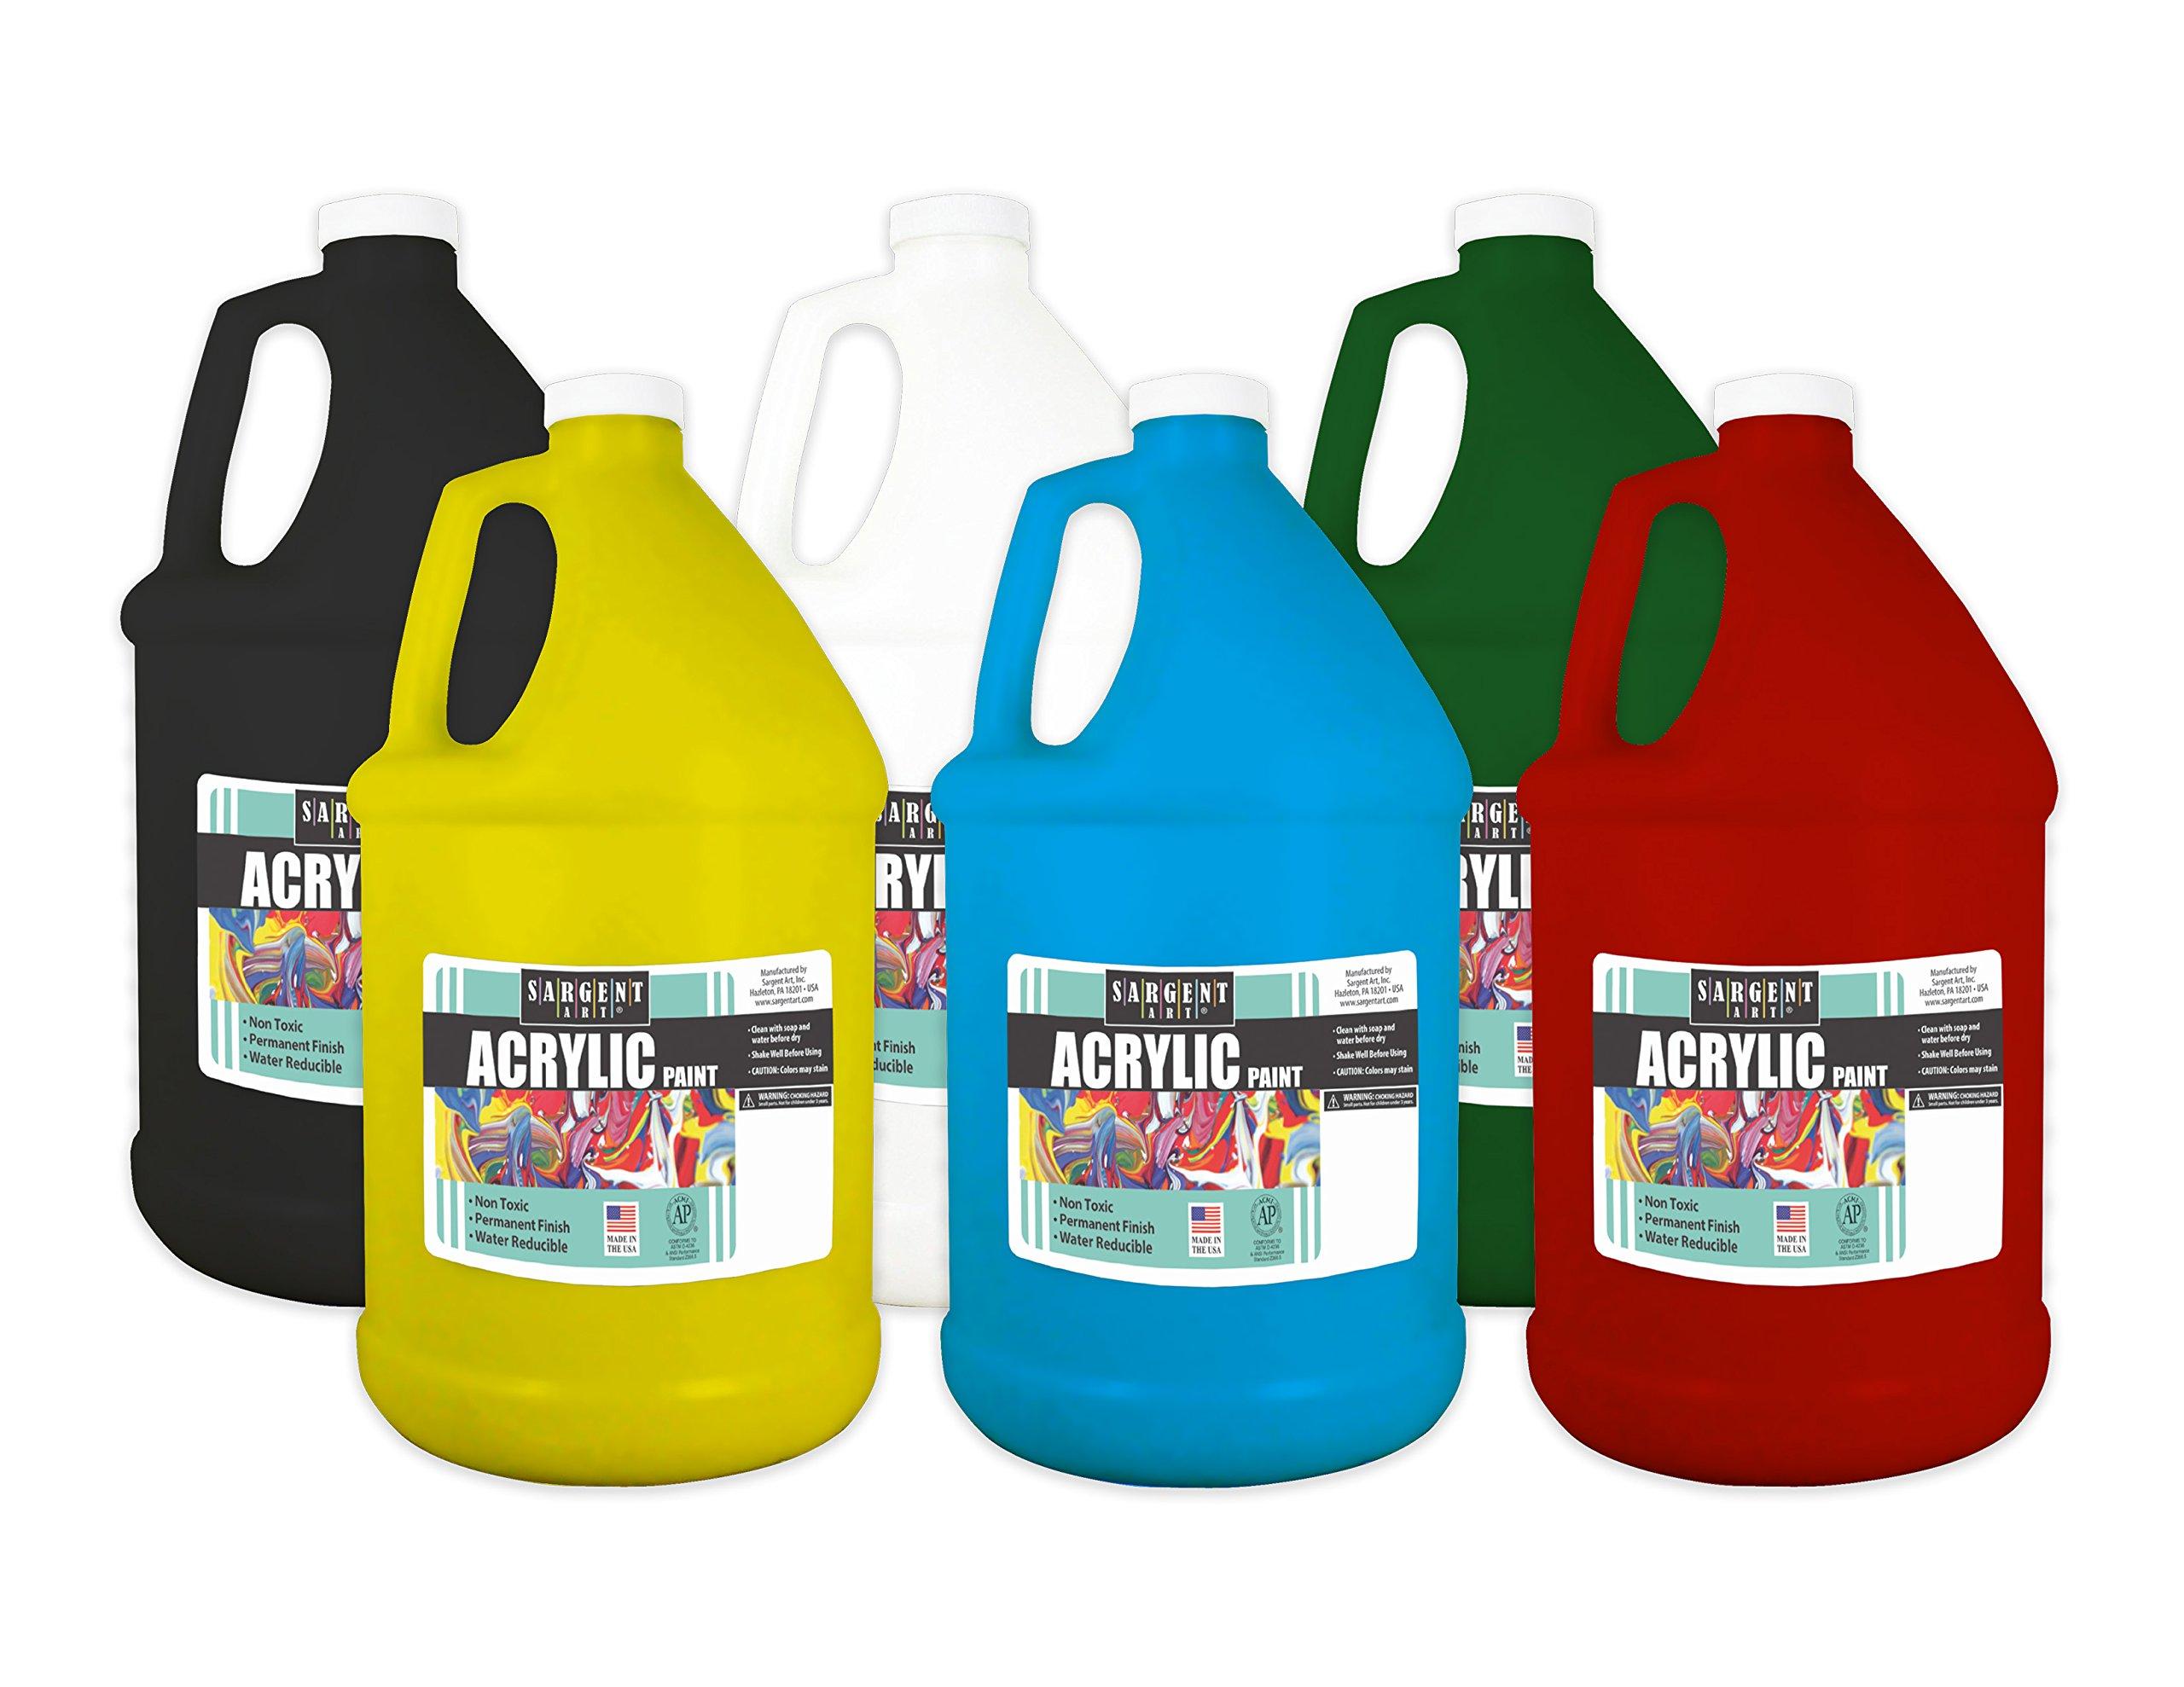 Sargent Art 22-3050 Acrylic Paint 1/2 Gallon Bottles, 6 Count by Sargent Art